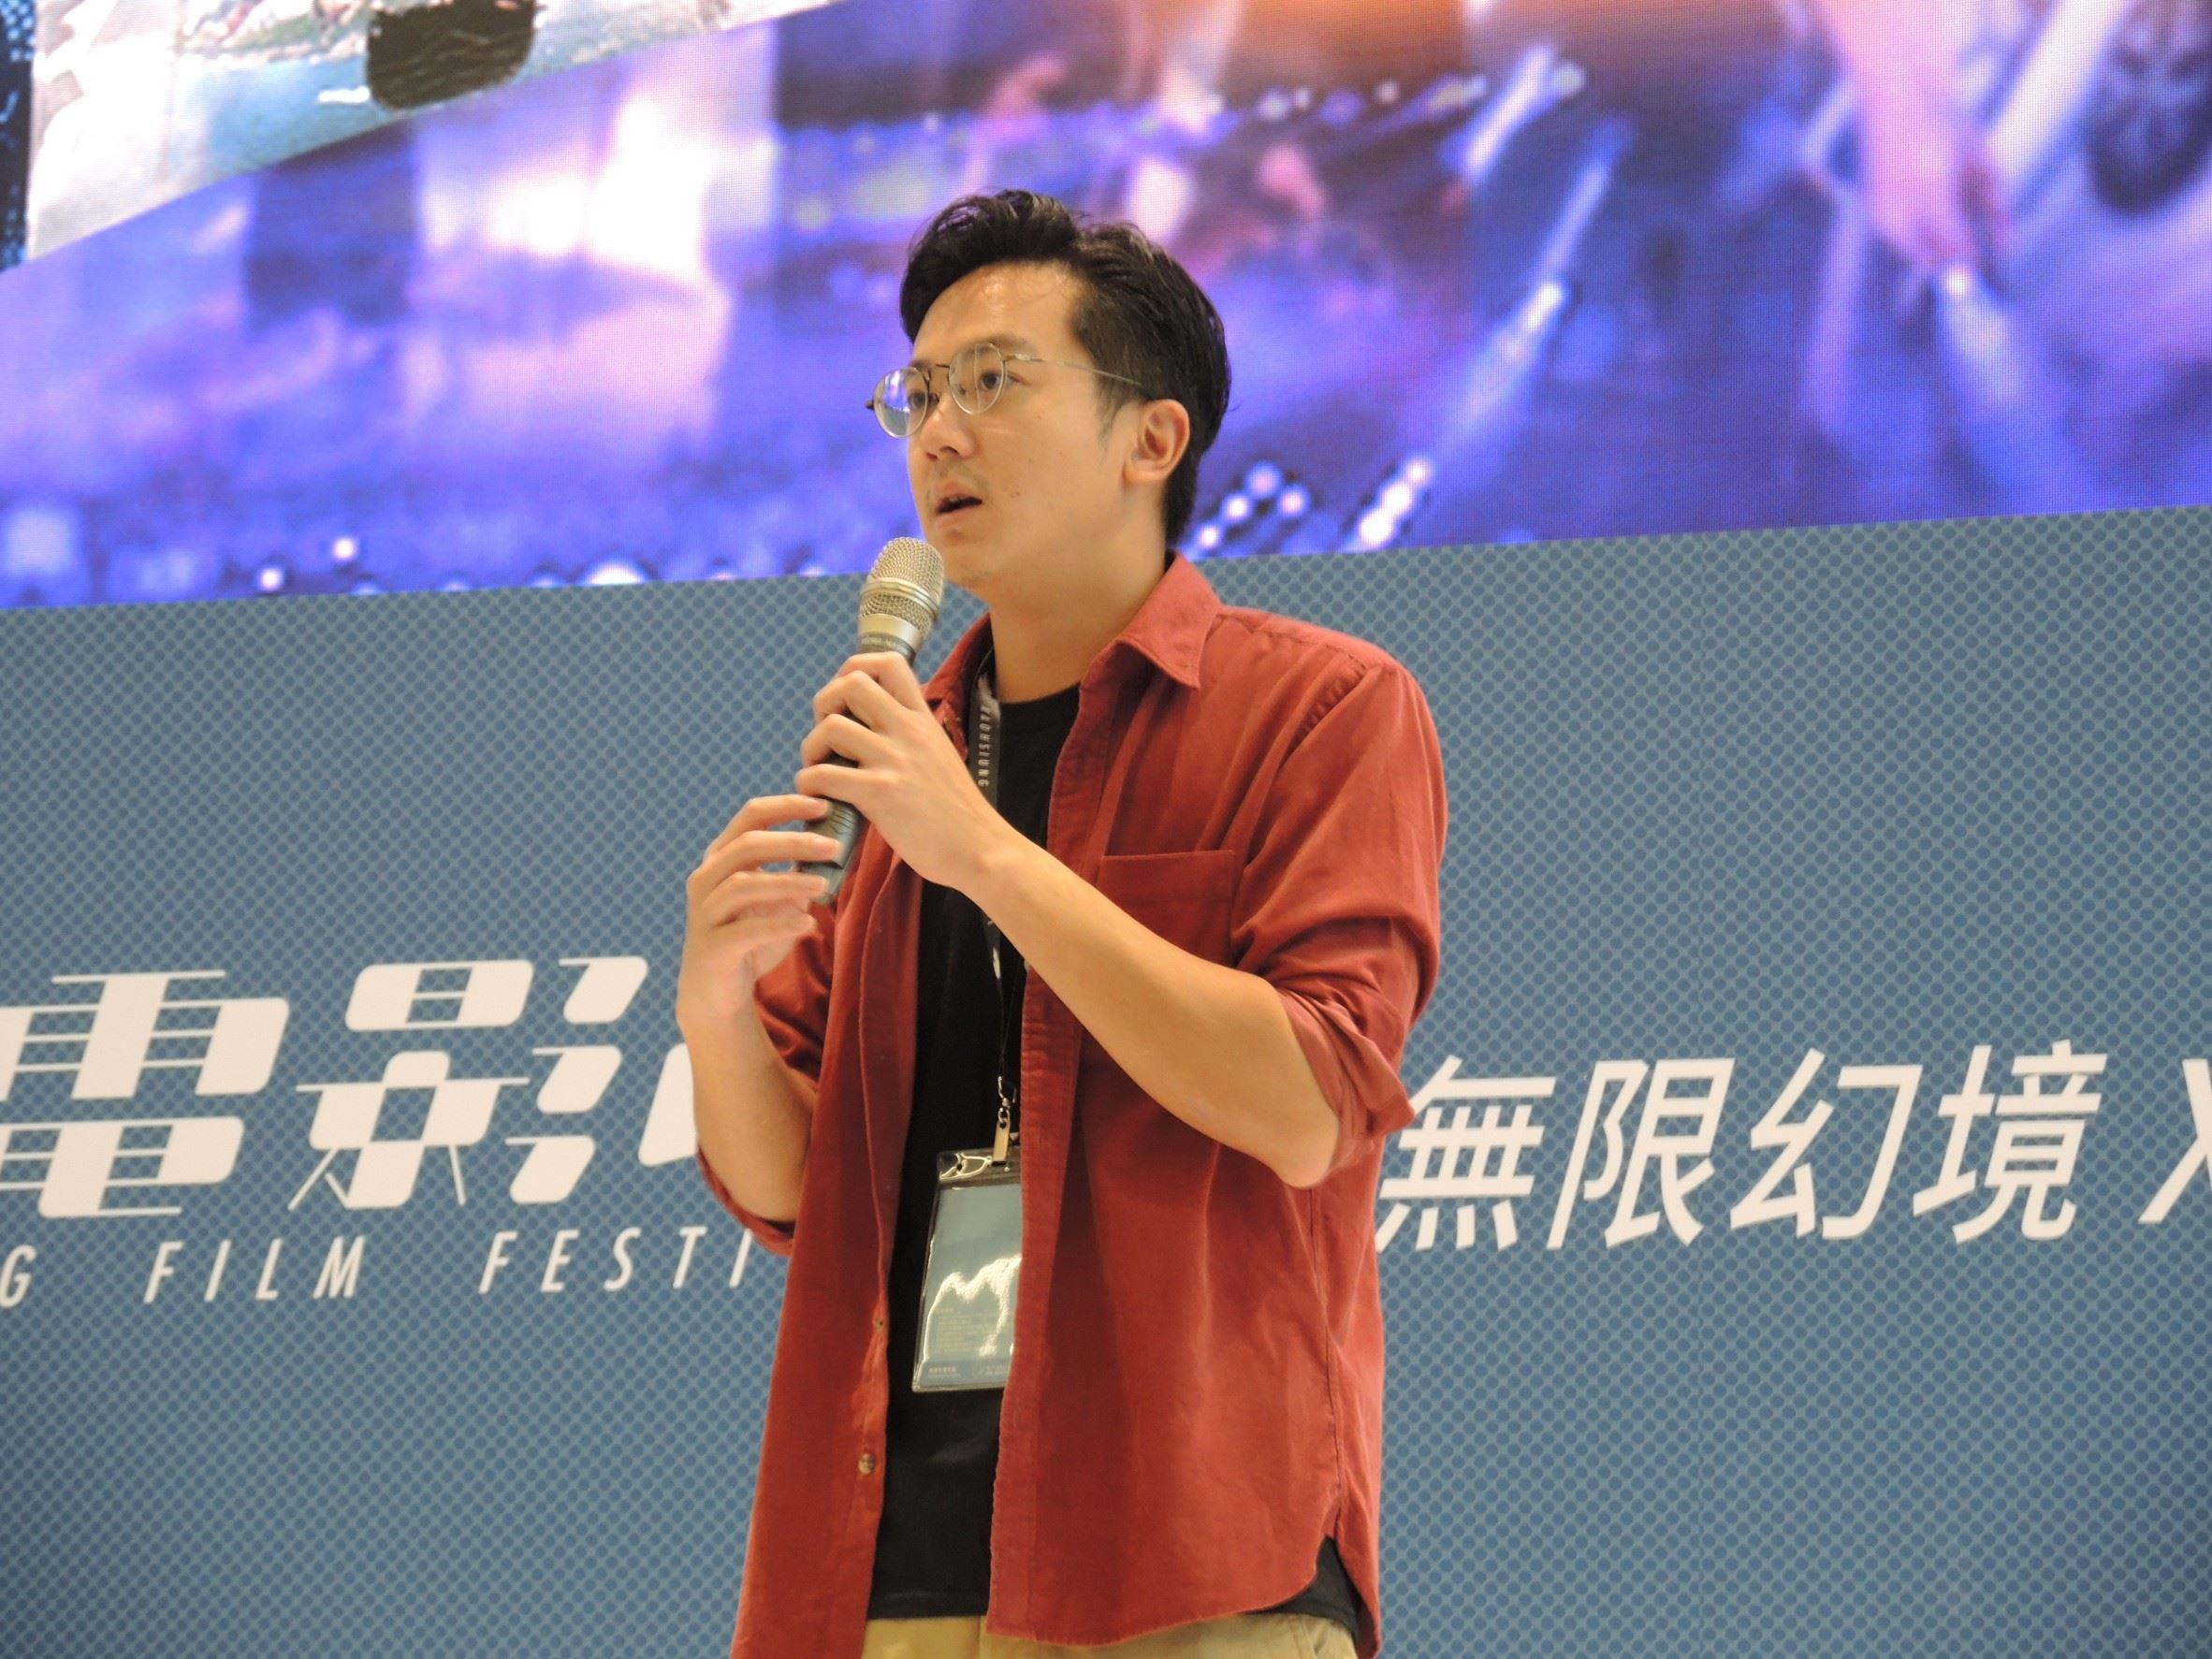 推動VR產業5G商轉 XR論壇邀金鐘團隊剖析趨勢